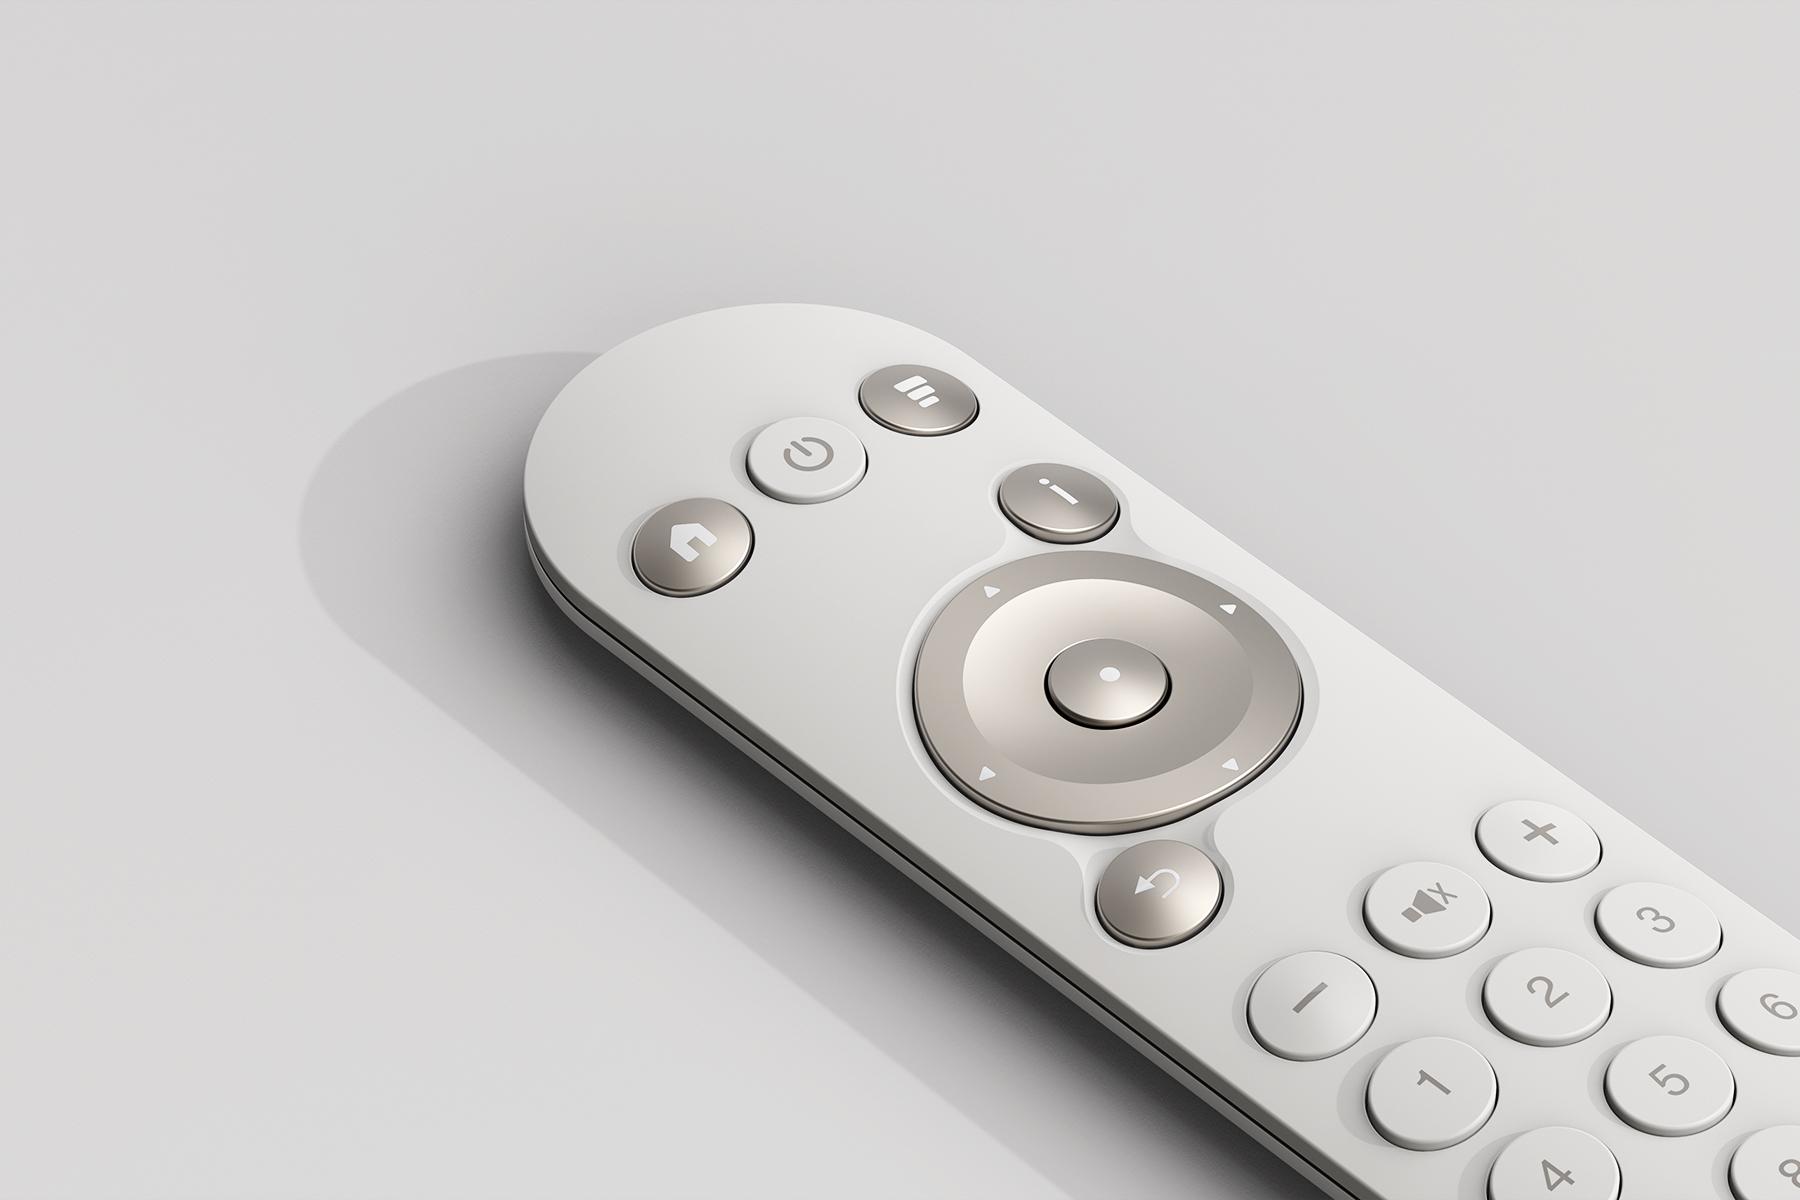 191108_Cisco_Remote_closeup3